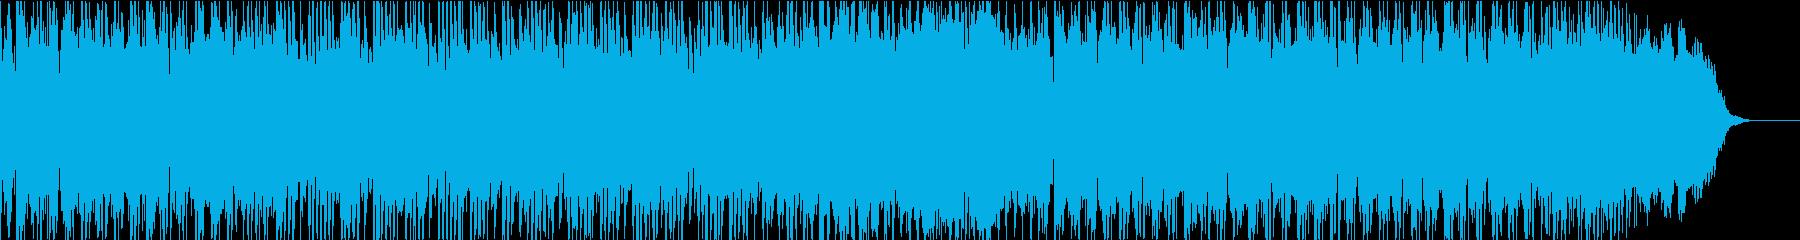 パワフルで疾走感のあるロックの再生済みの波形